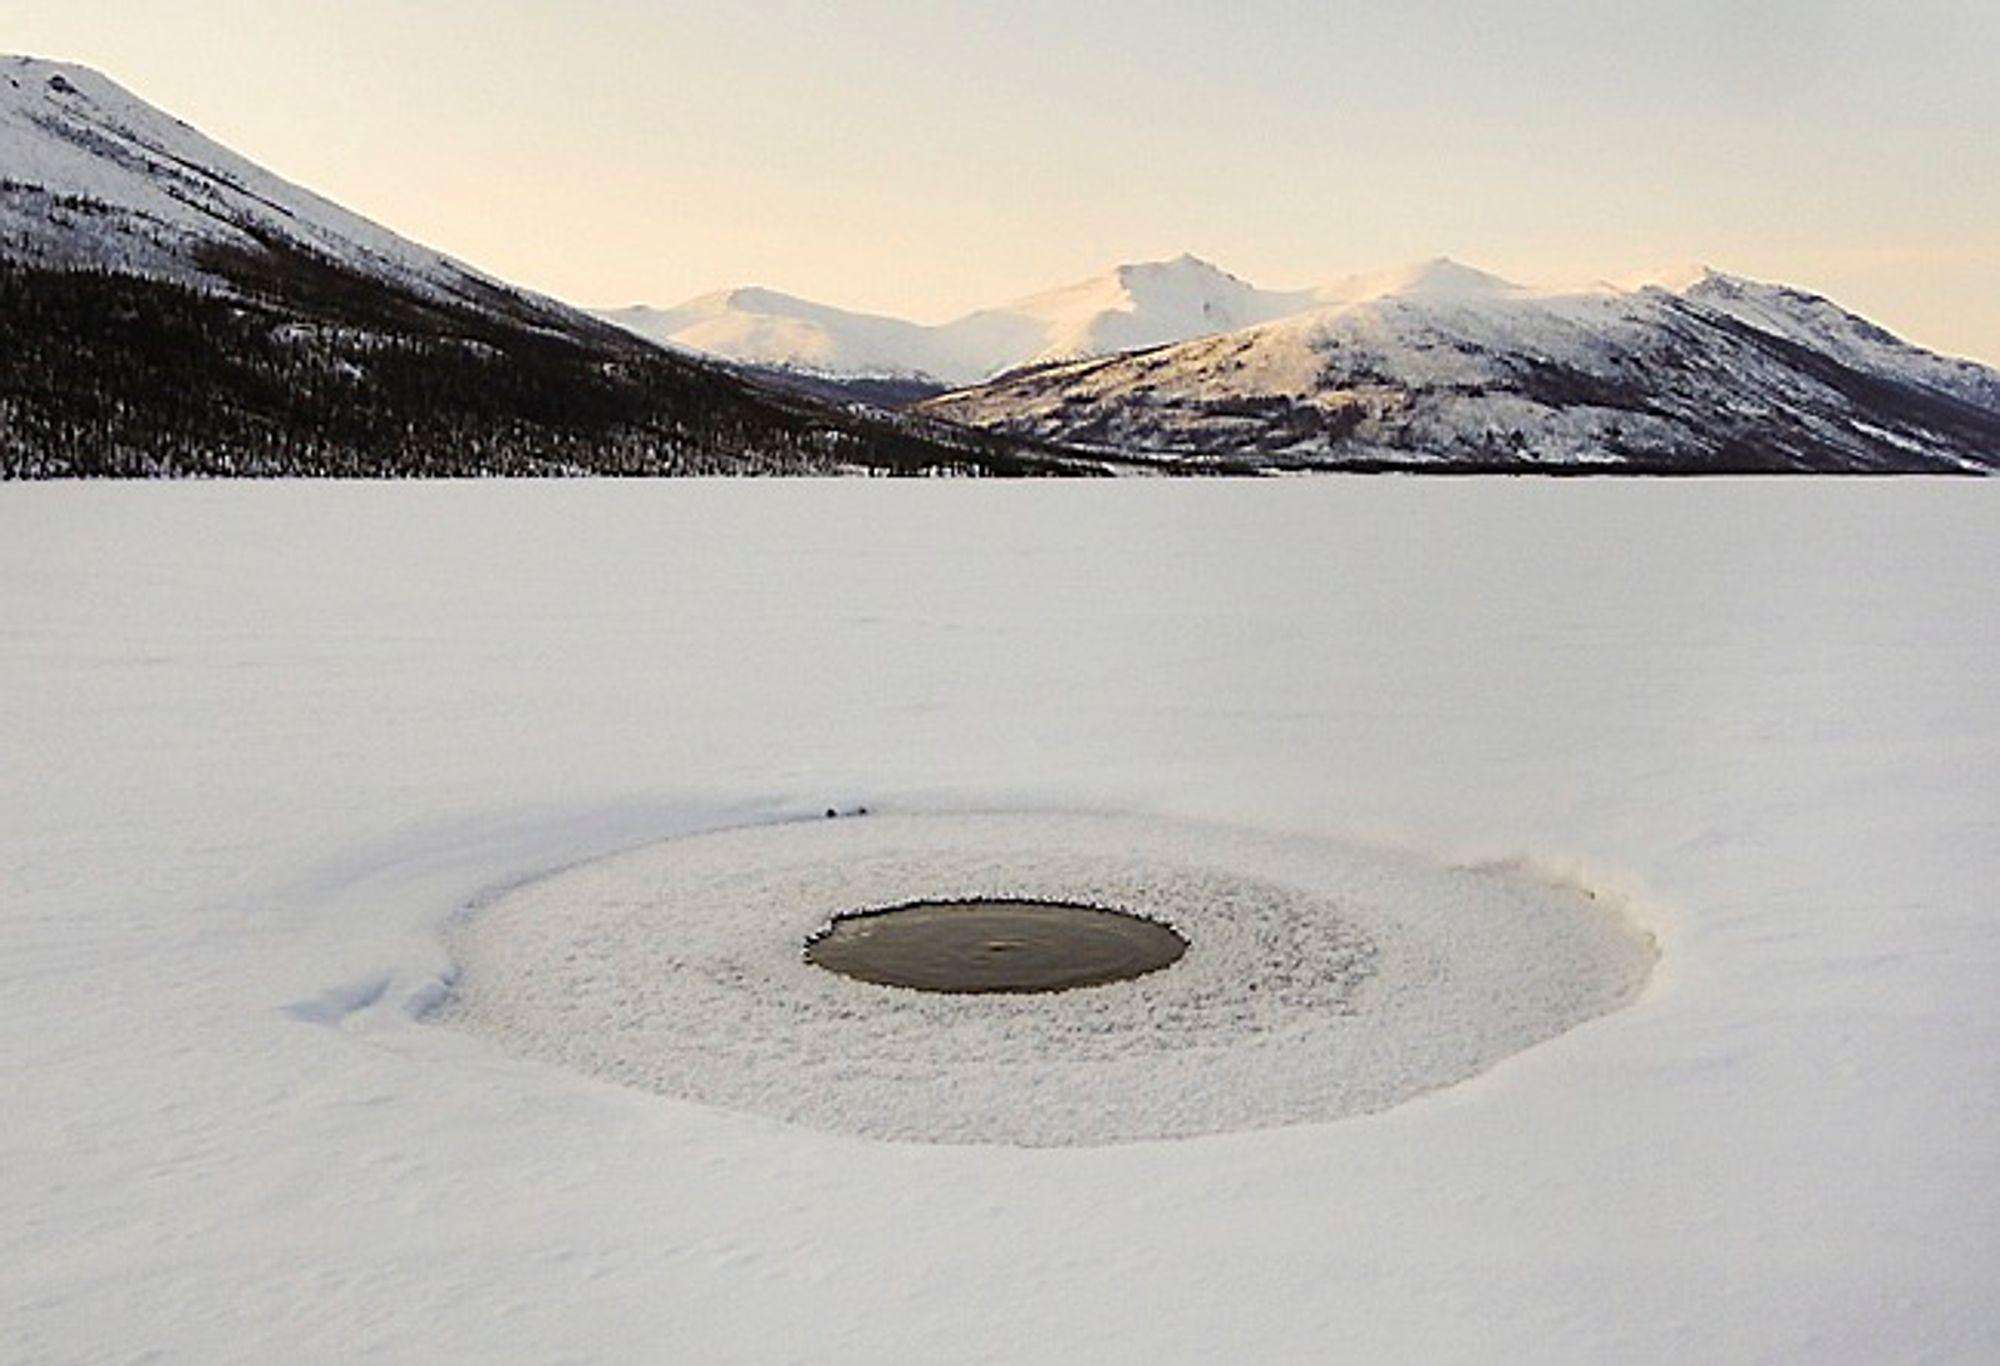 Russiske og amerikanske forskere har nå målt langt høyere utslipp av metangass fra havbunnen i Østsibirhavet enn tildligere. På bildet slipper metangass ut gjennom et smeltehull i en innsjø i Alaska.